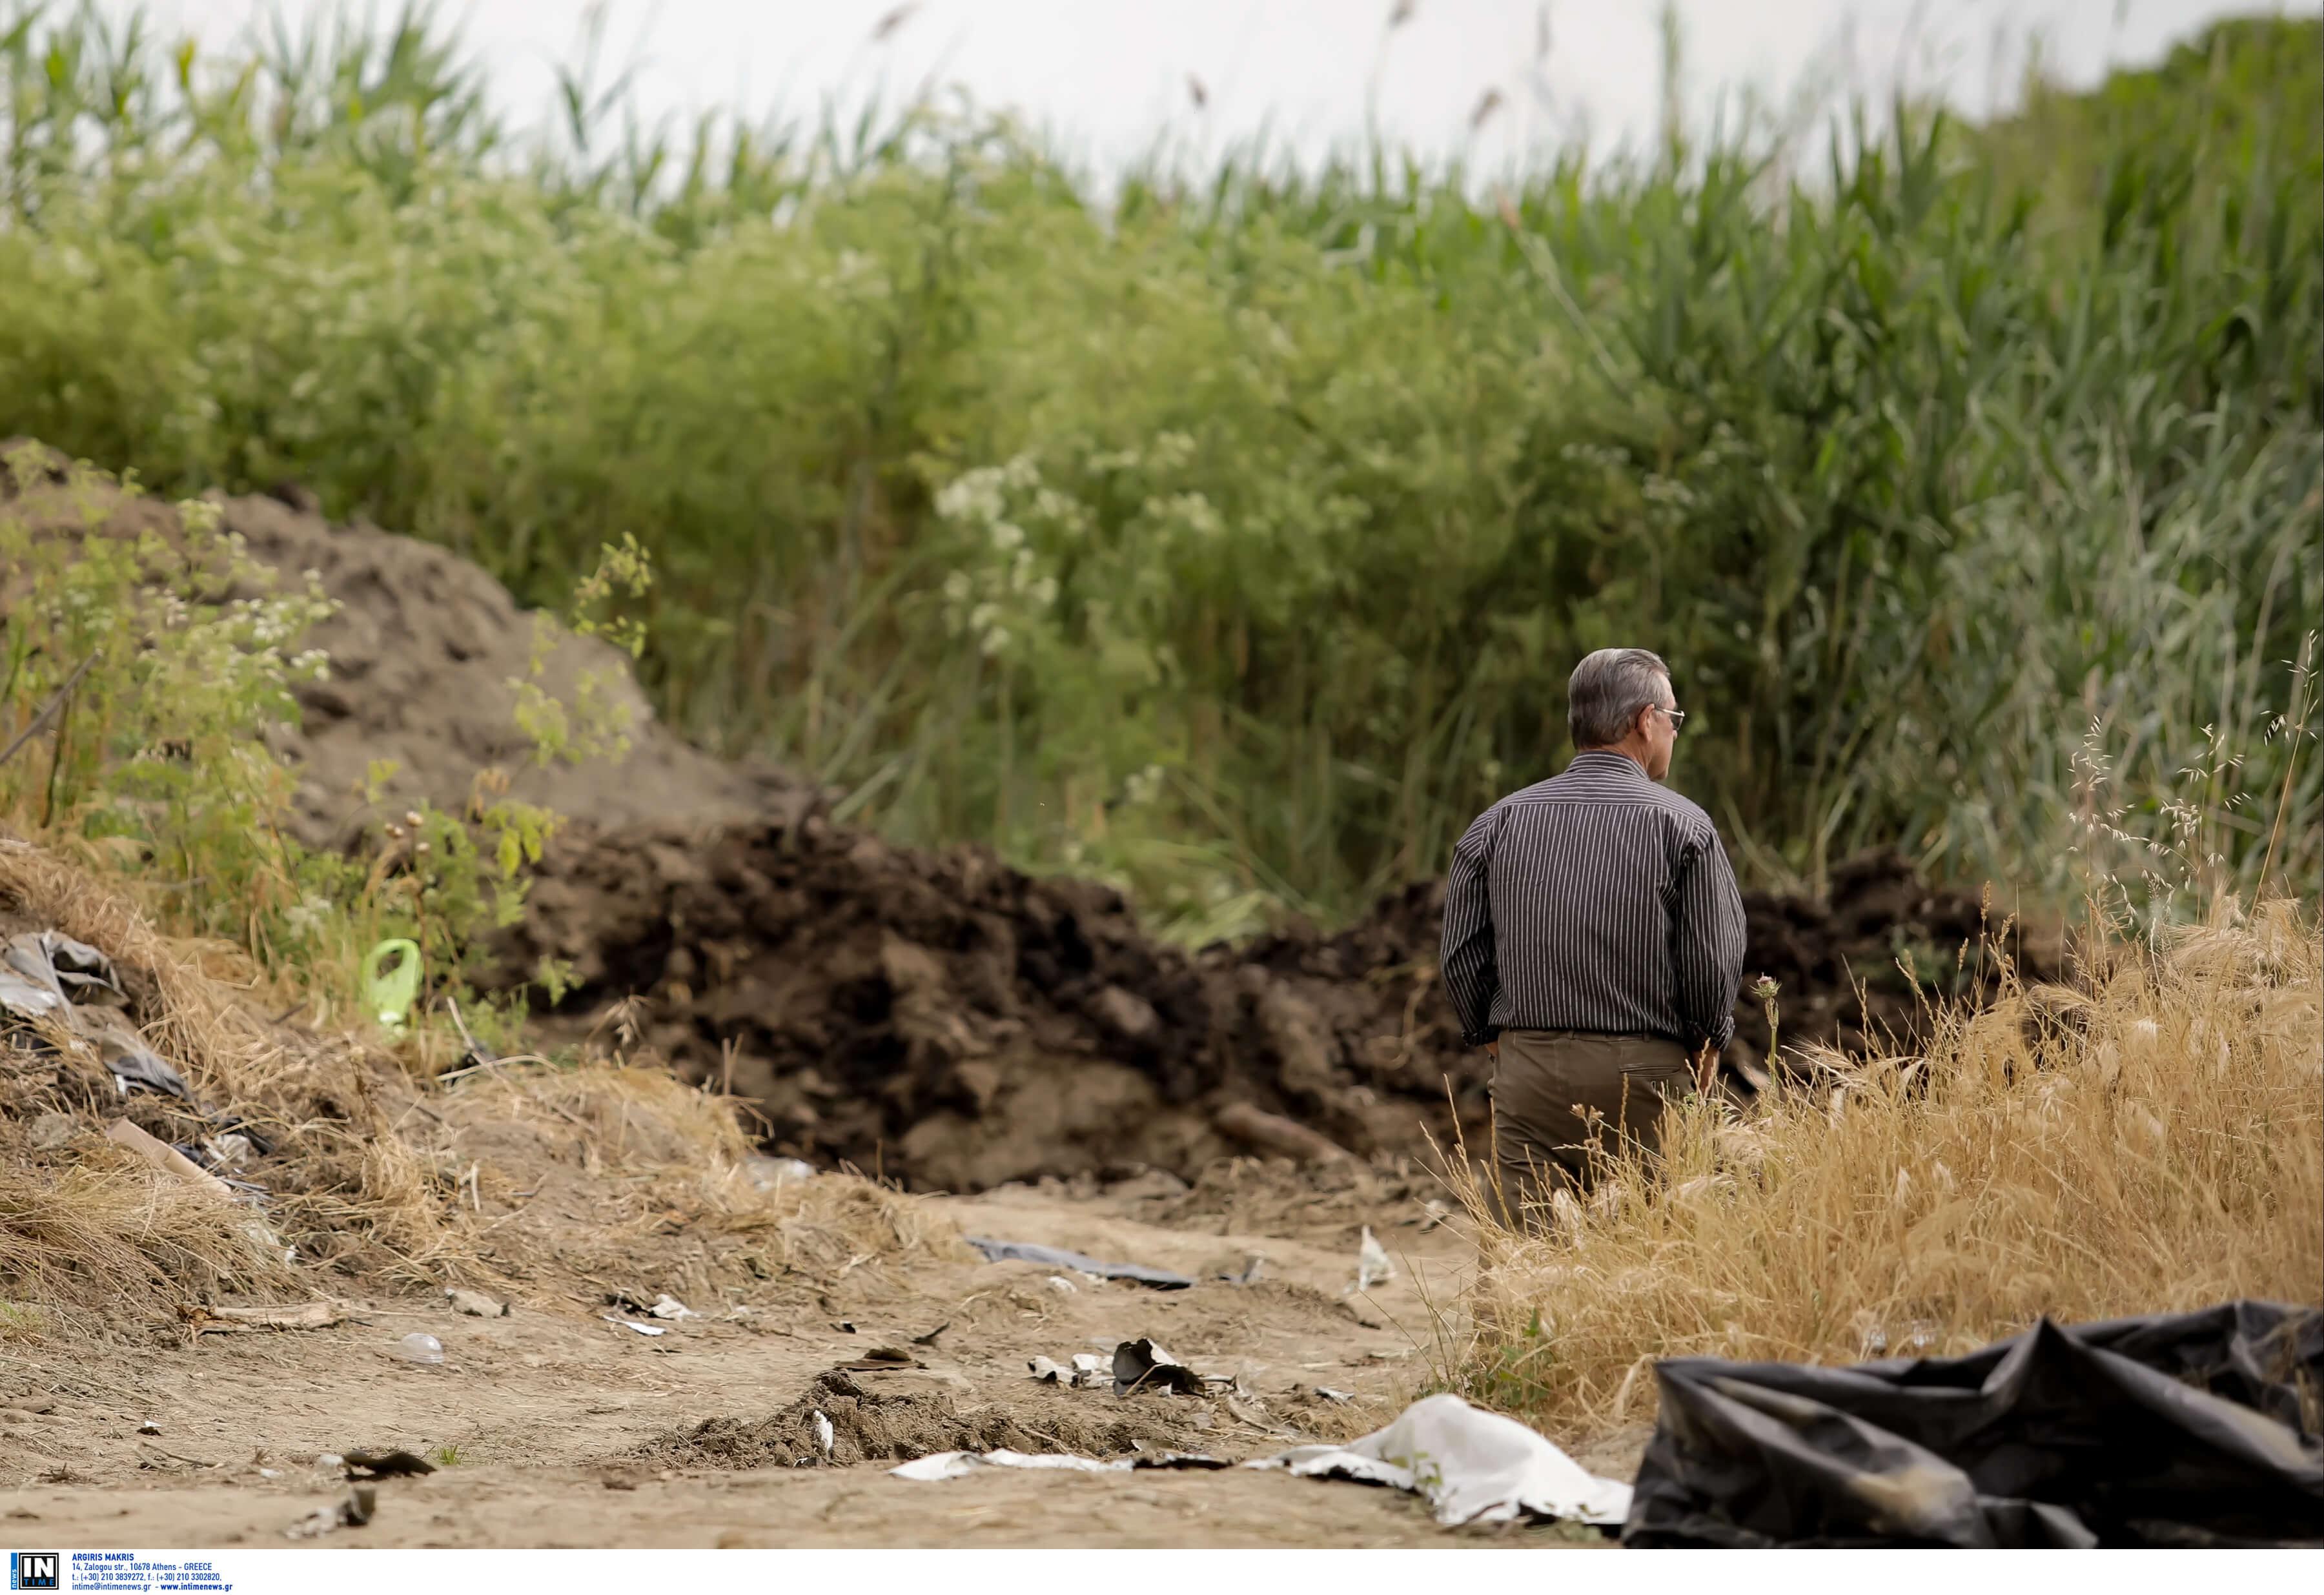 Δολοφονία Δημήτρη Γραικού: «Ο θάνατός του οφείλεται σε βίαια αίτια» – Η πρώτη εκτίμηση του ιατροδικαστή...